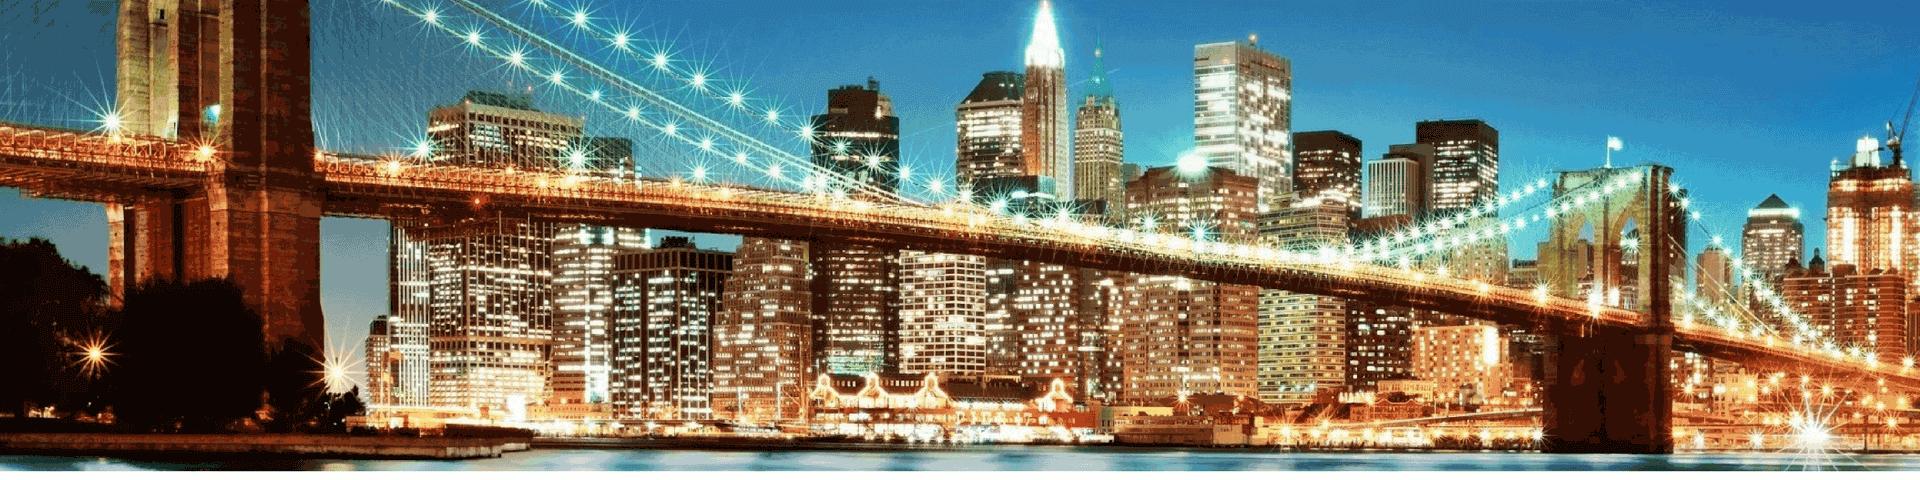 USA Travel Blog